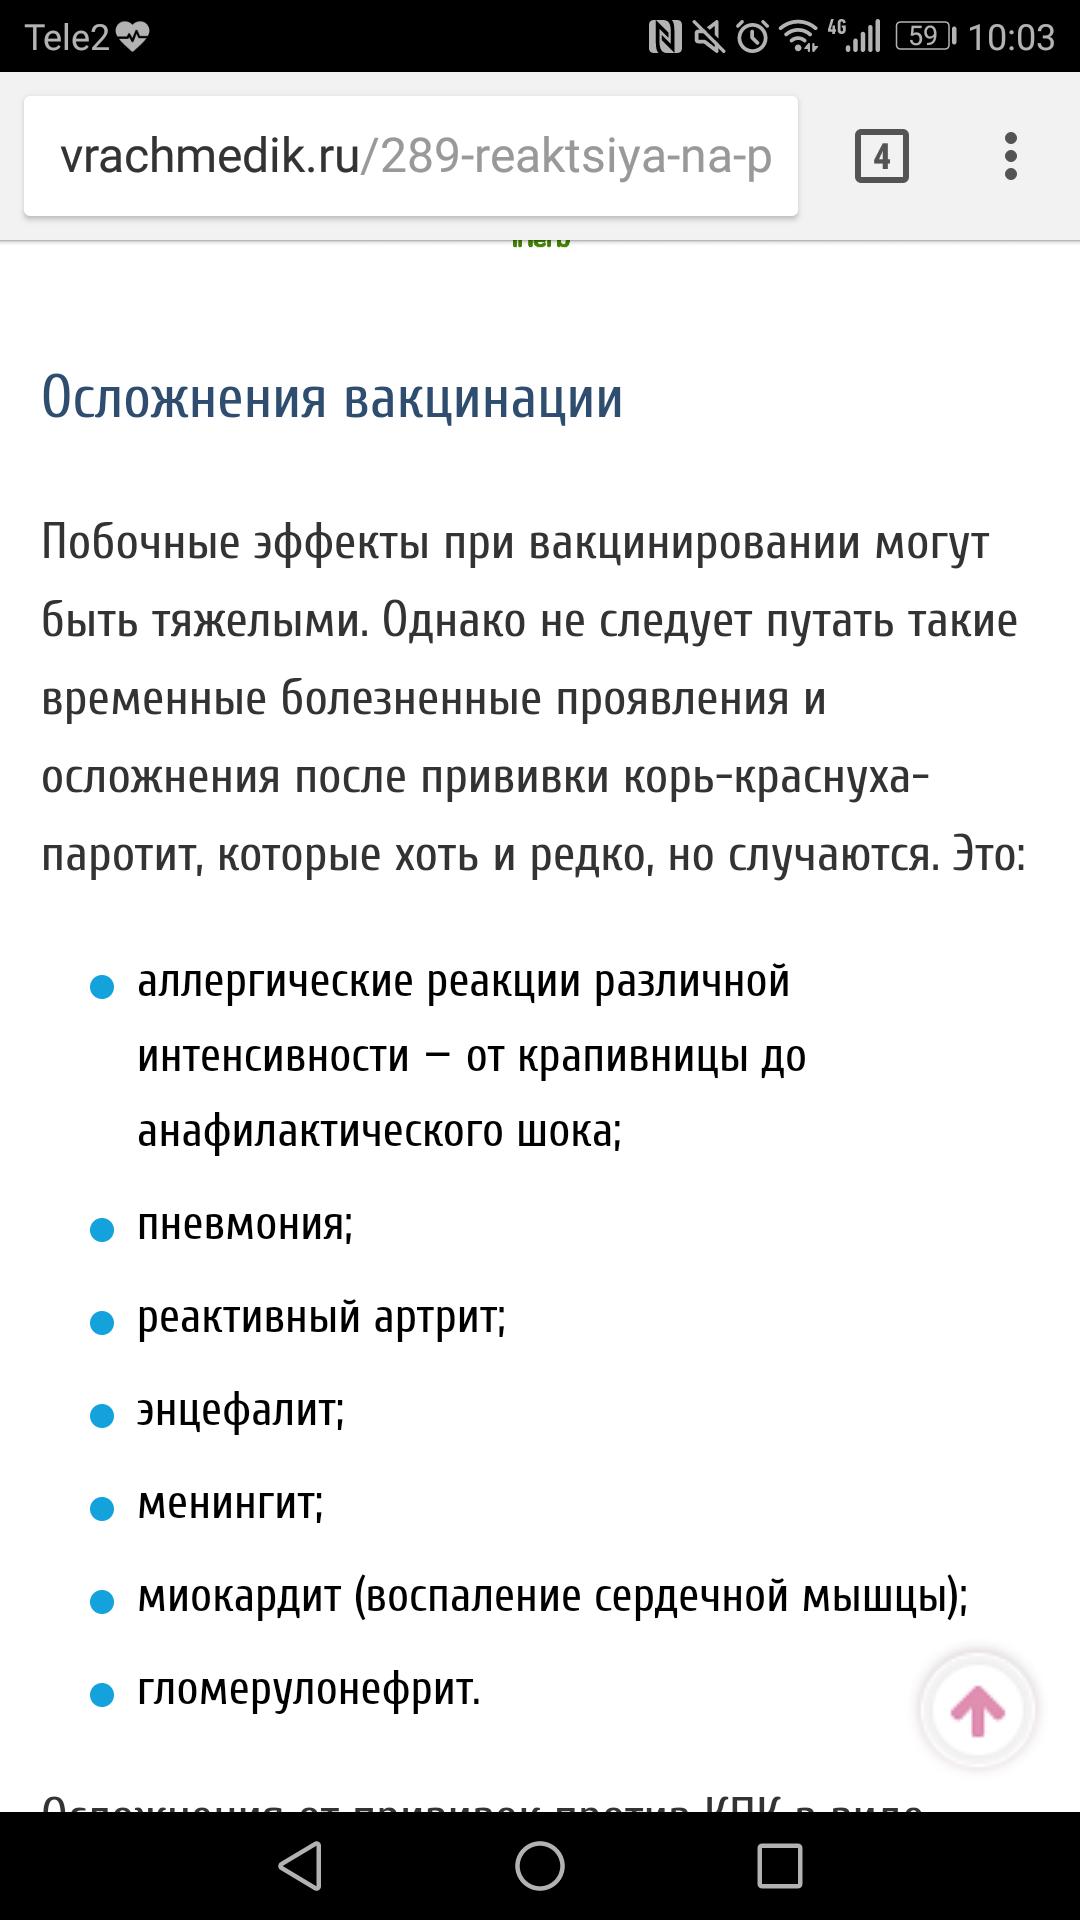 Медотвод от прививок Западное Дегунино Справка 070 у Чоботовский проезд